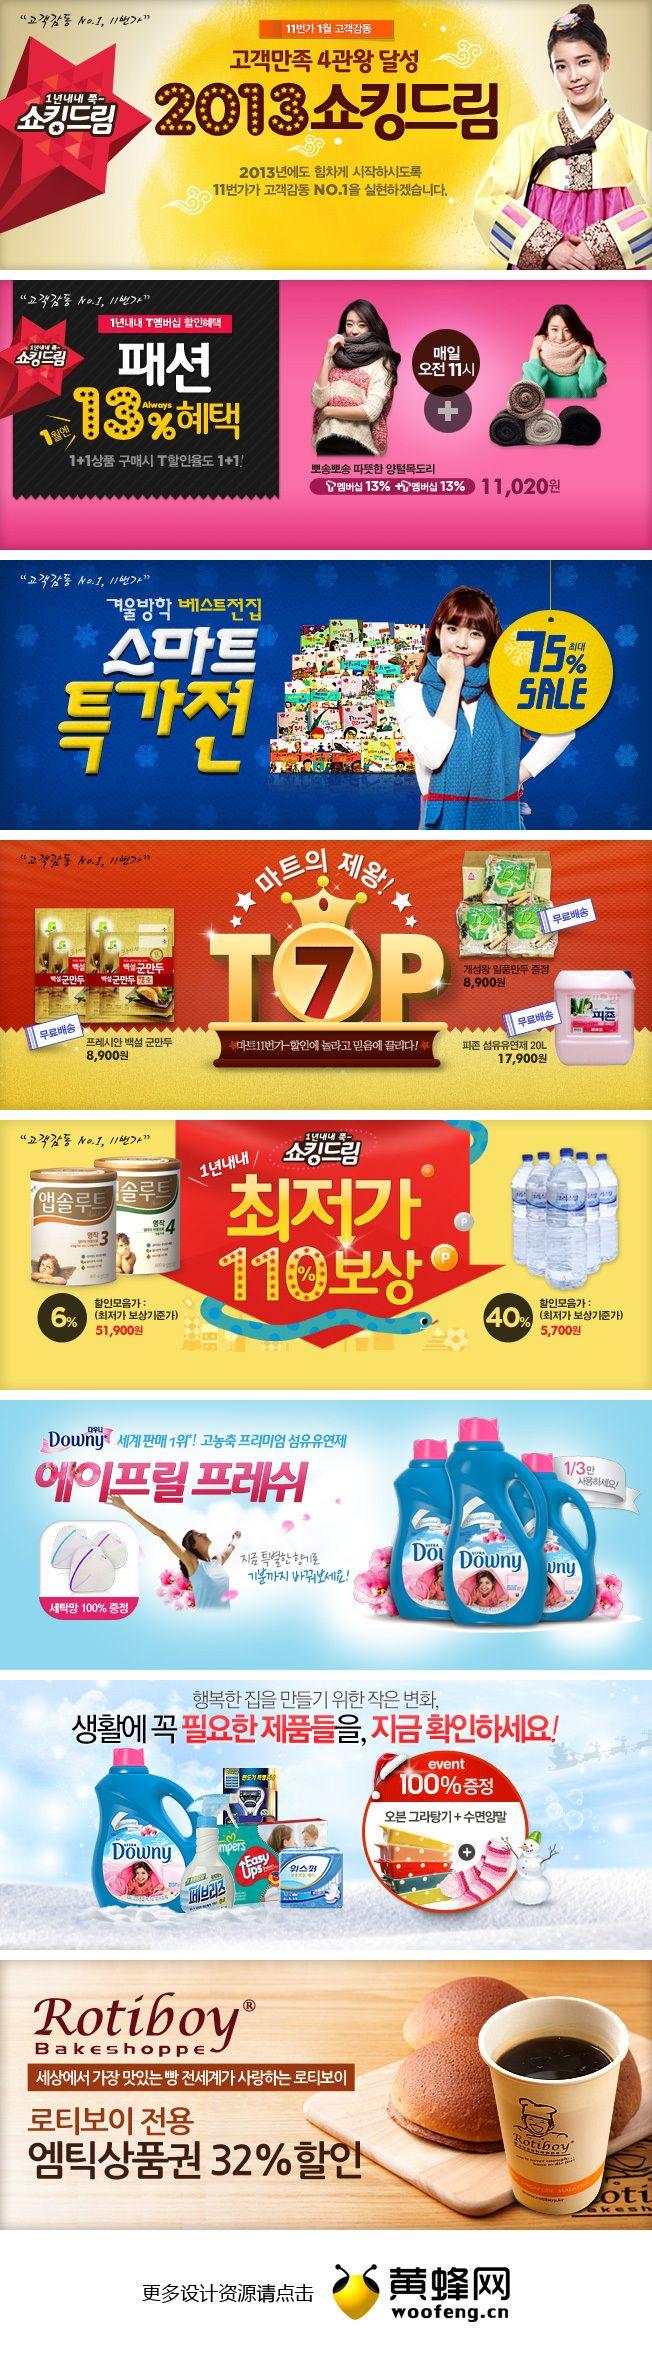 한국의 쇼핑 사이트 홍보 광고 배너 디자인 감사 ...